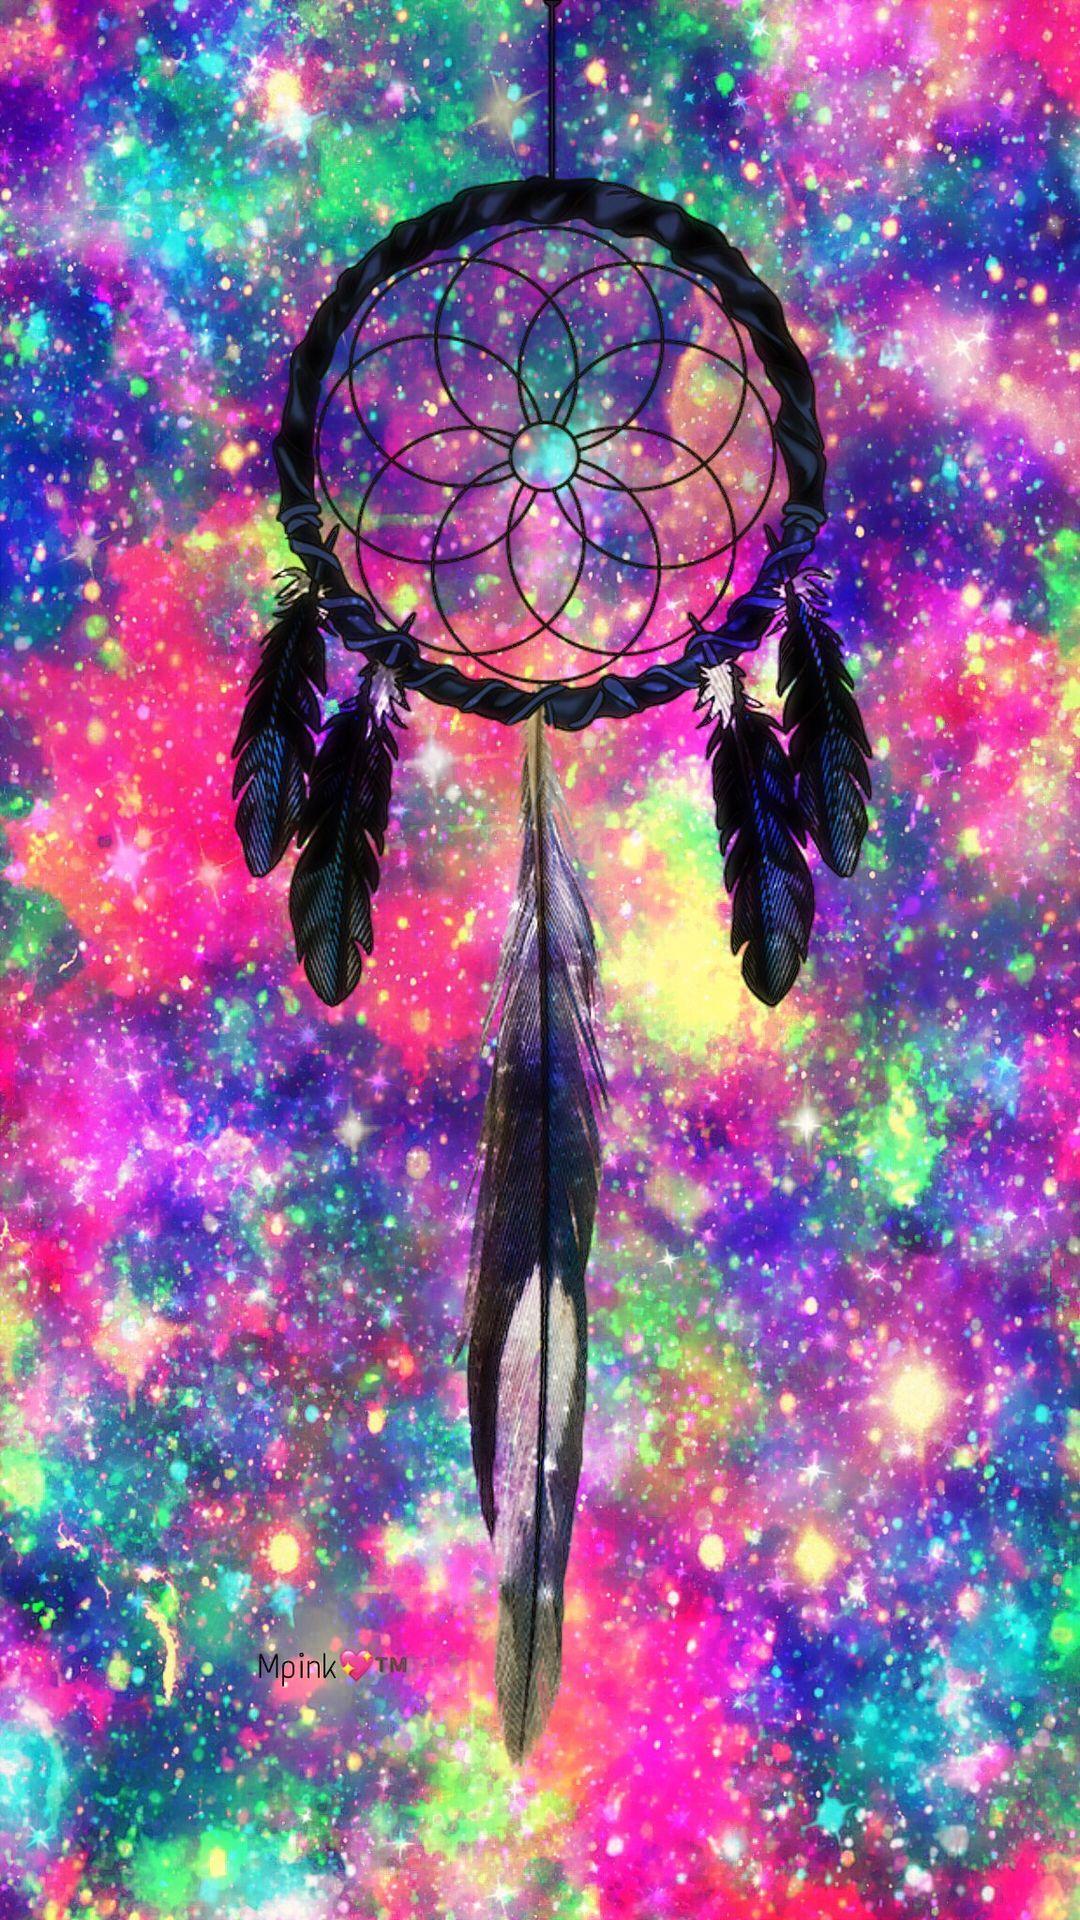 Rainbow Dreamcatcher Galaxy Wallpaper #androidwallpaper # ...